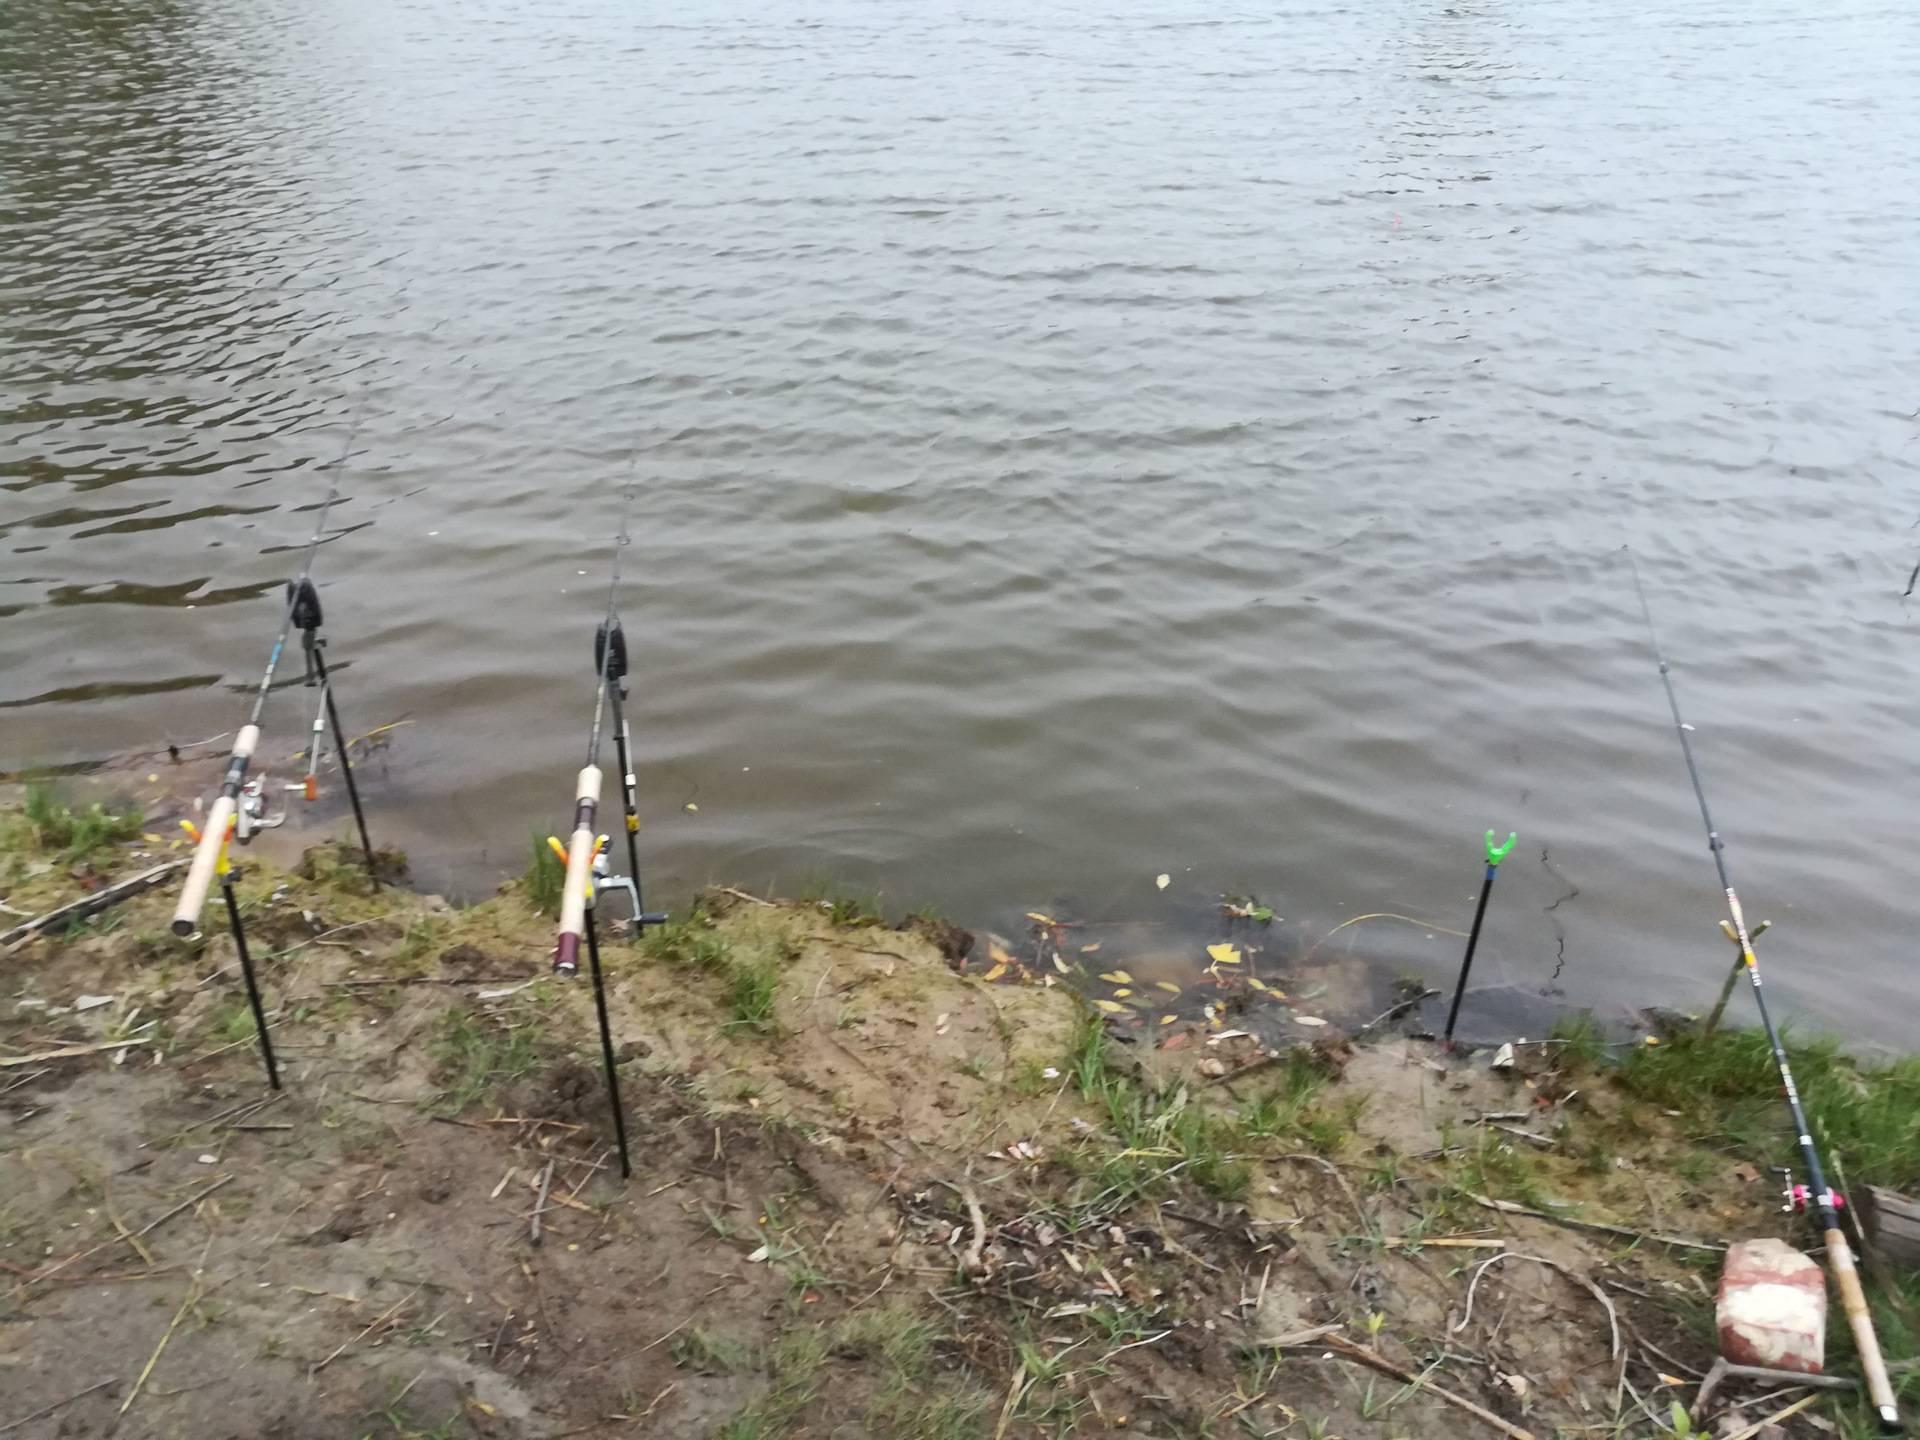 Базы отдыха воронежской области (для отдыха с рыбалкой) - цены